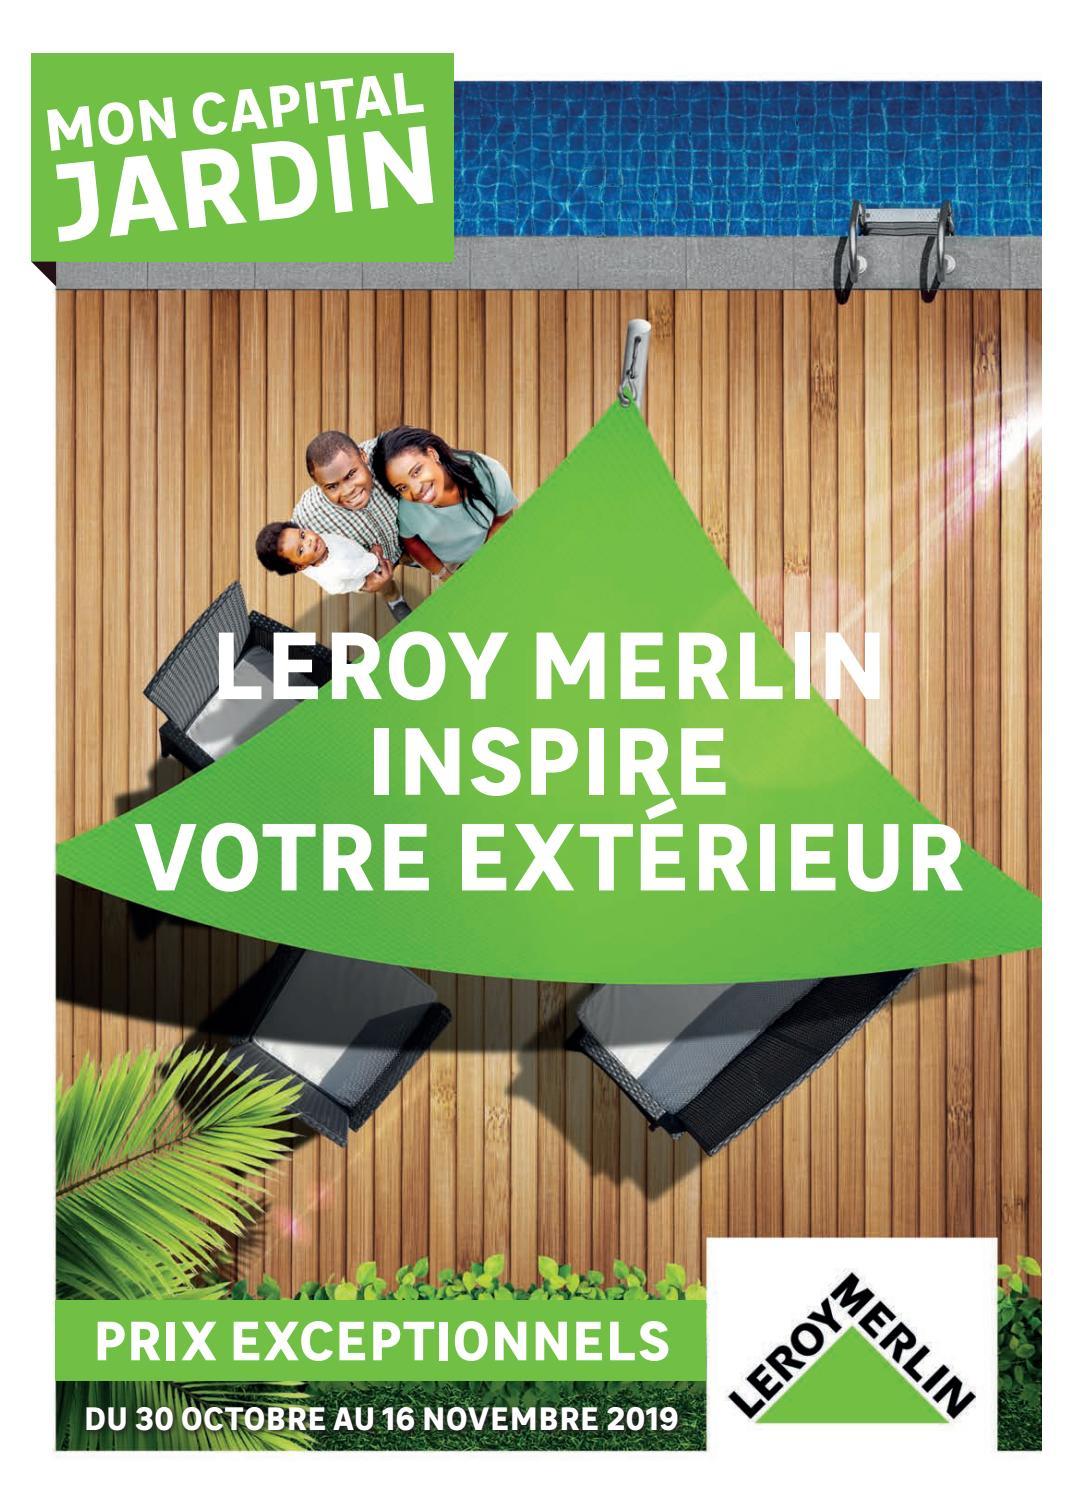 Leroy Merlin) Inspire Votre Extérieur By Agencecourtcircuit encequiconcerne Minuterie Douche Leroy Merlin